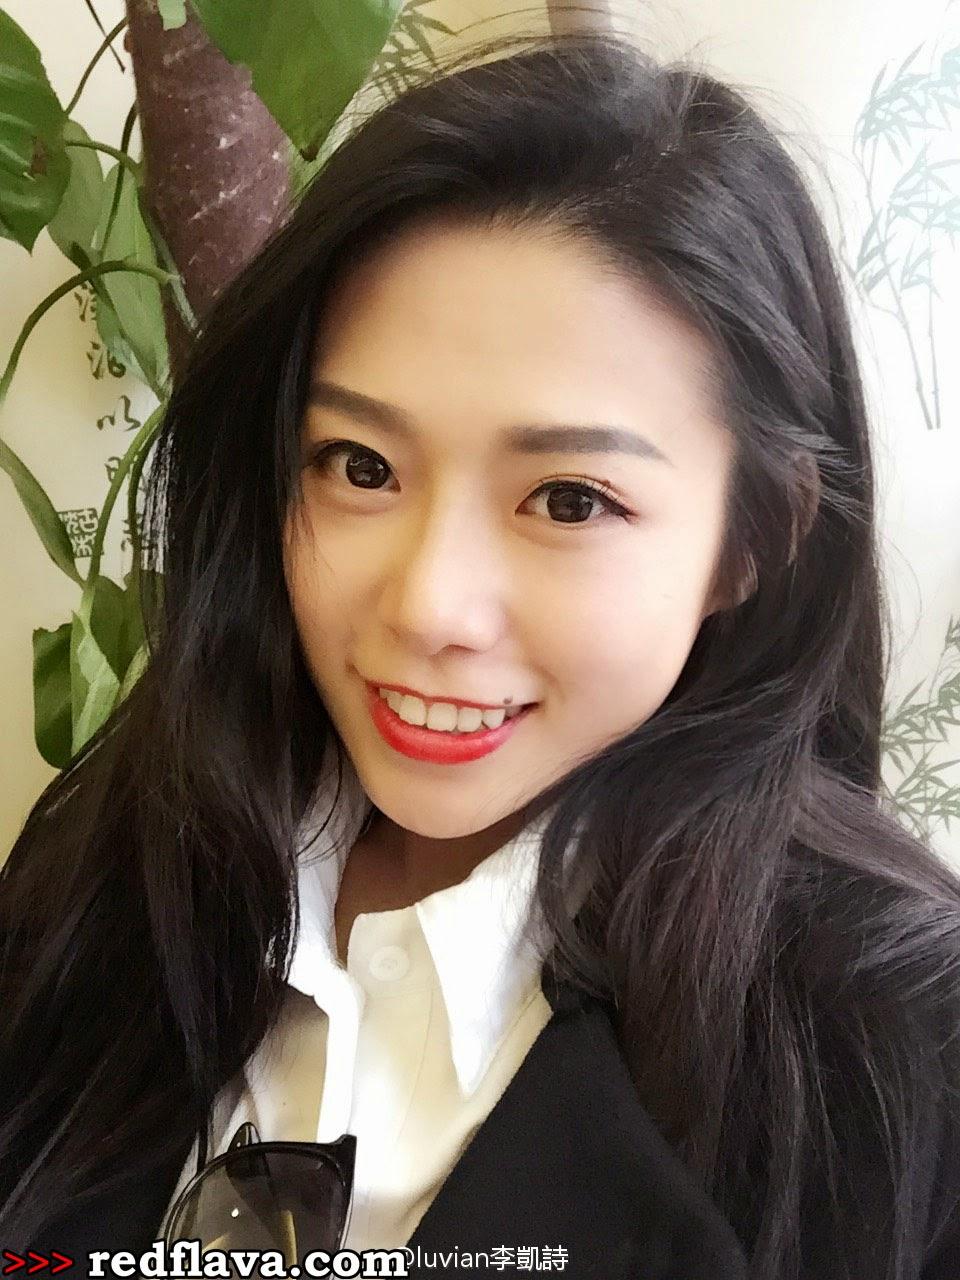 Luvian Ben Neng Bikini And Selfies - Asianmodelx-4954